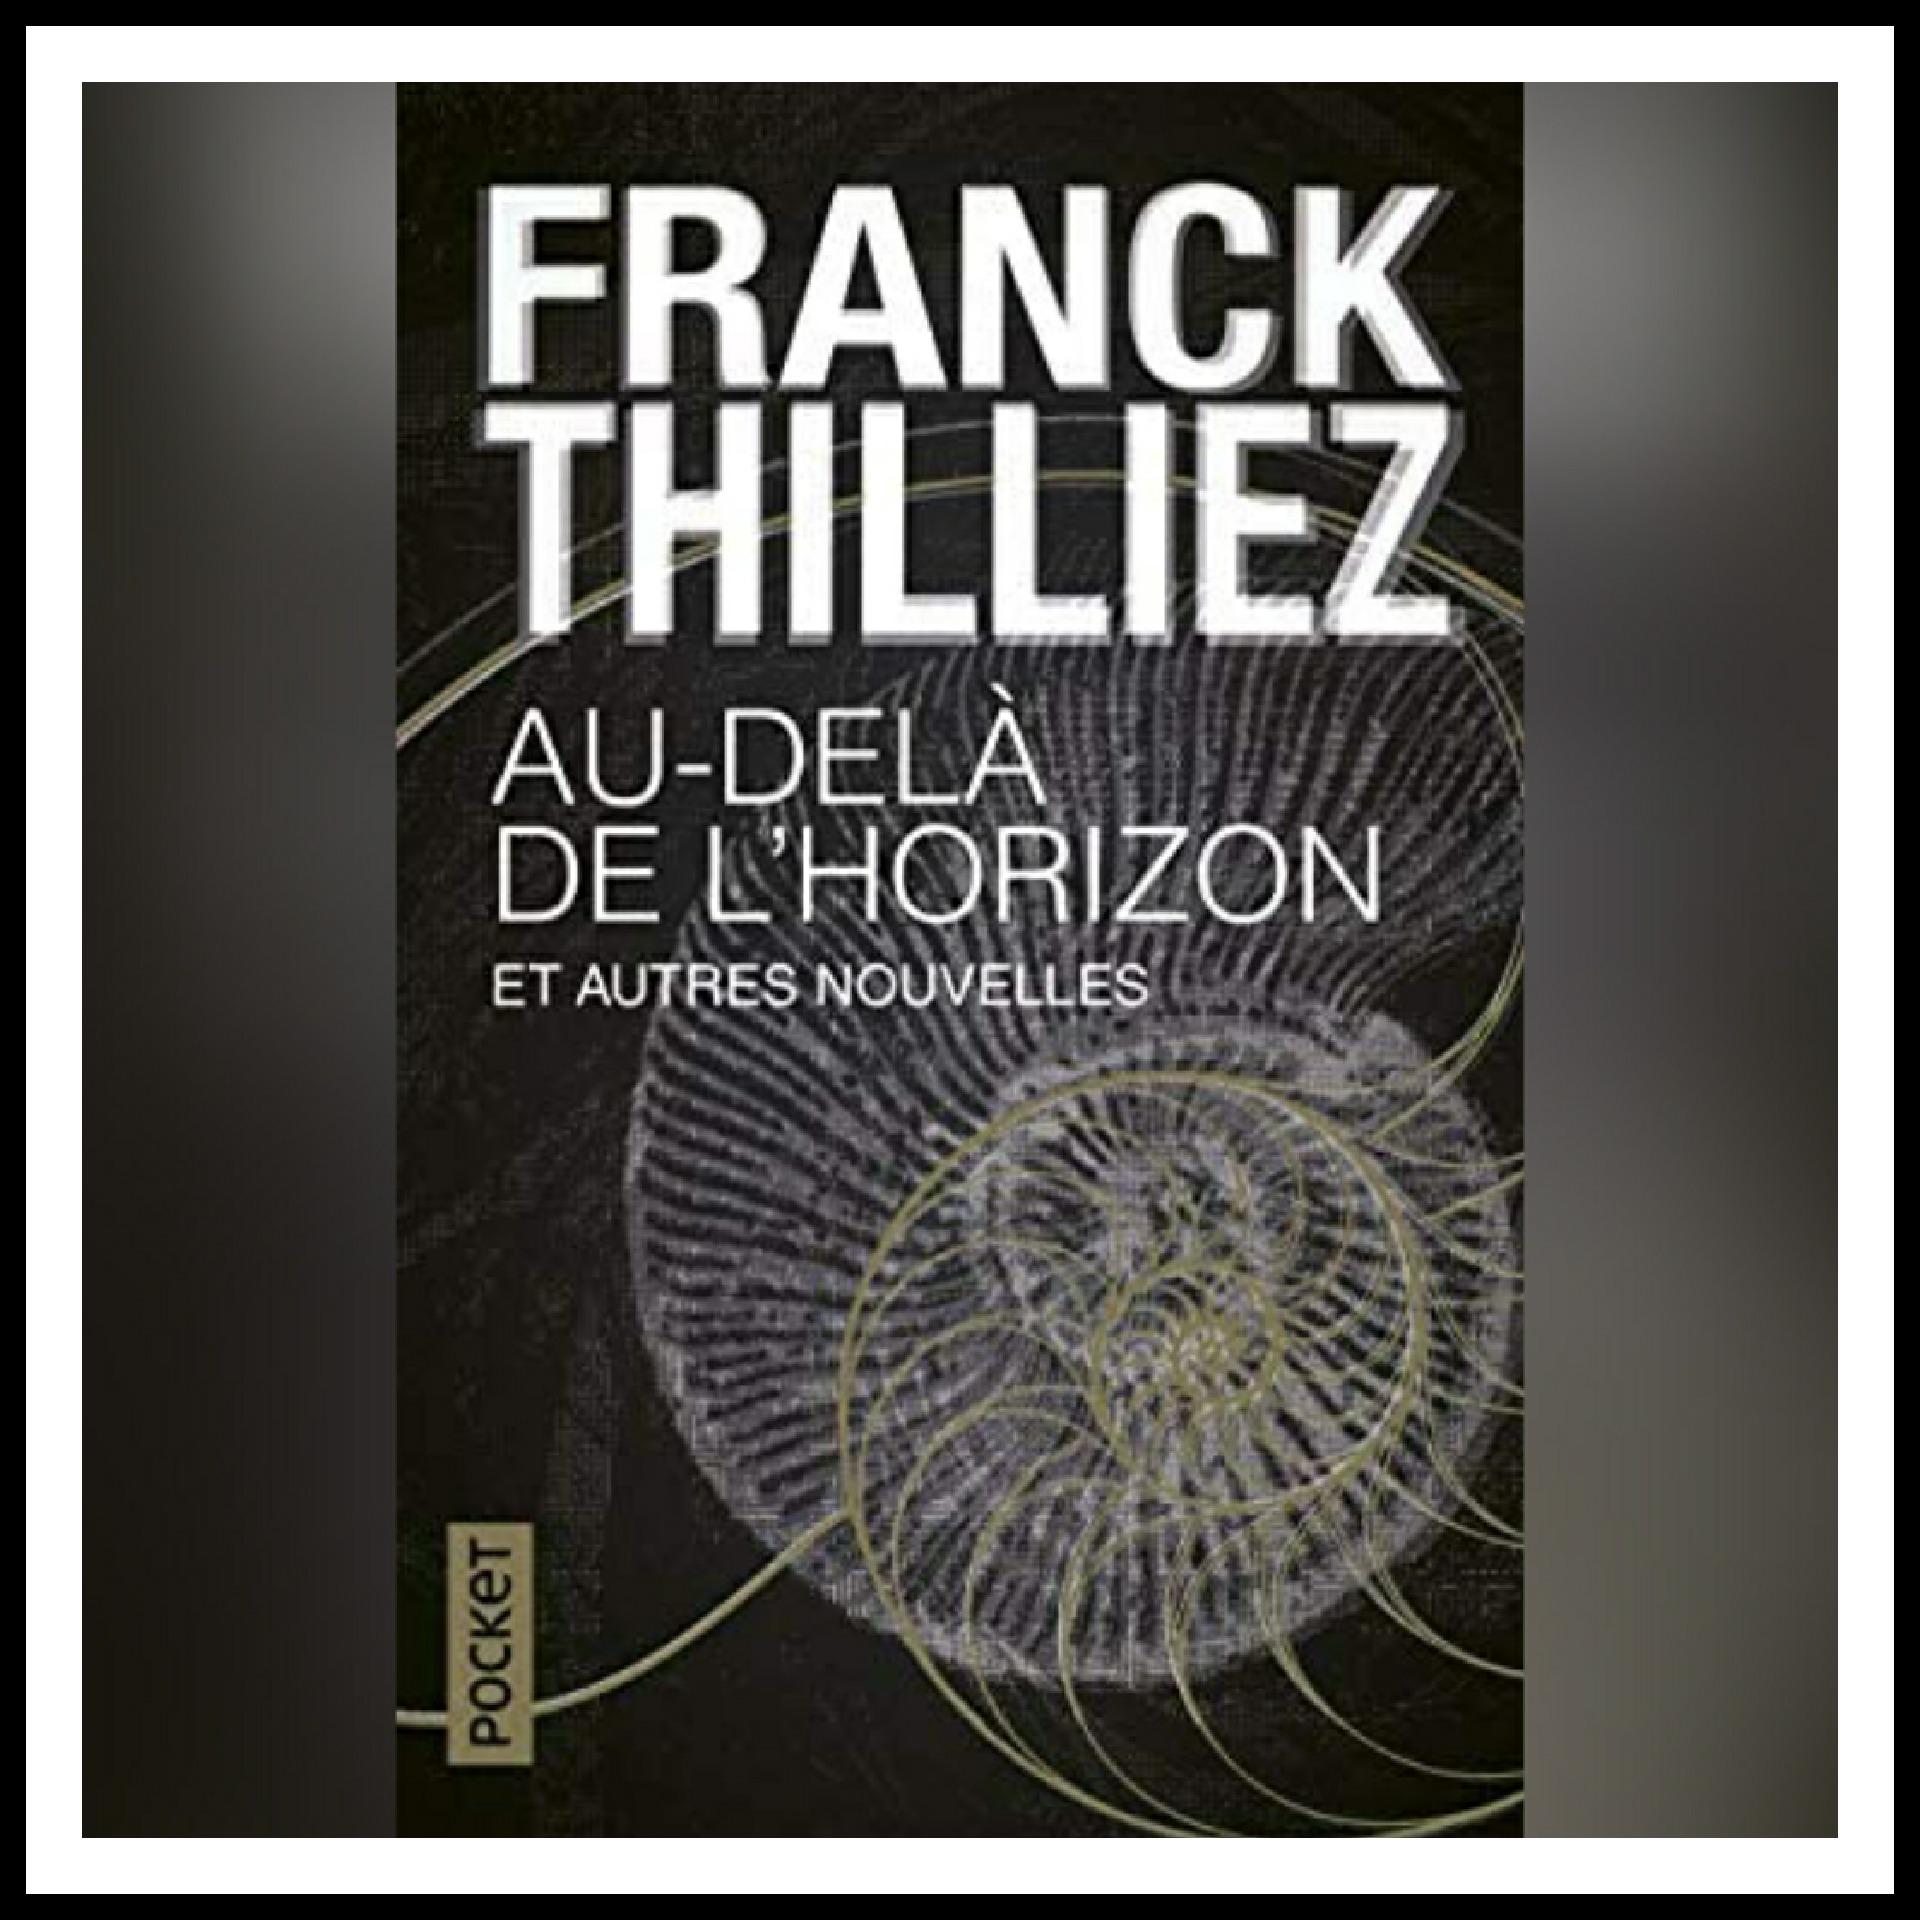 Chroniques 2020 \ Au-delà de l'horizon et autres nouvelles de Franck Thilliez